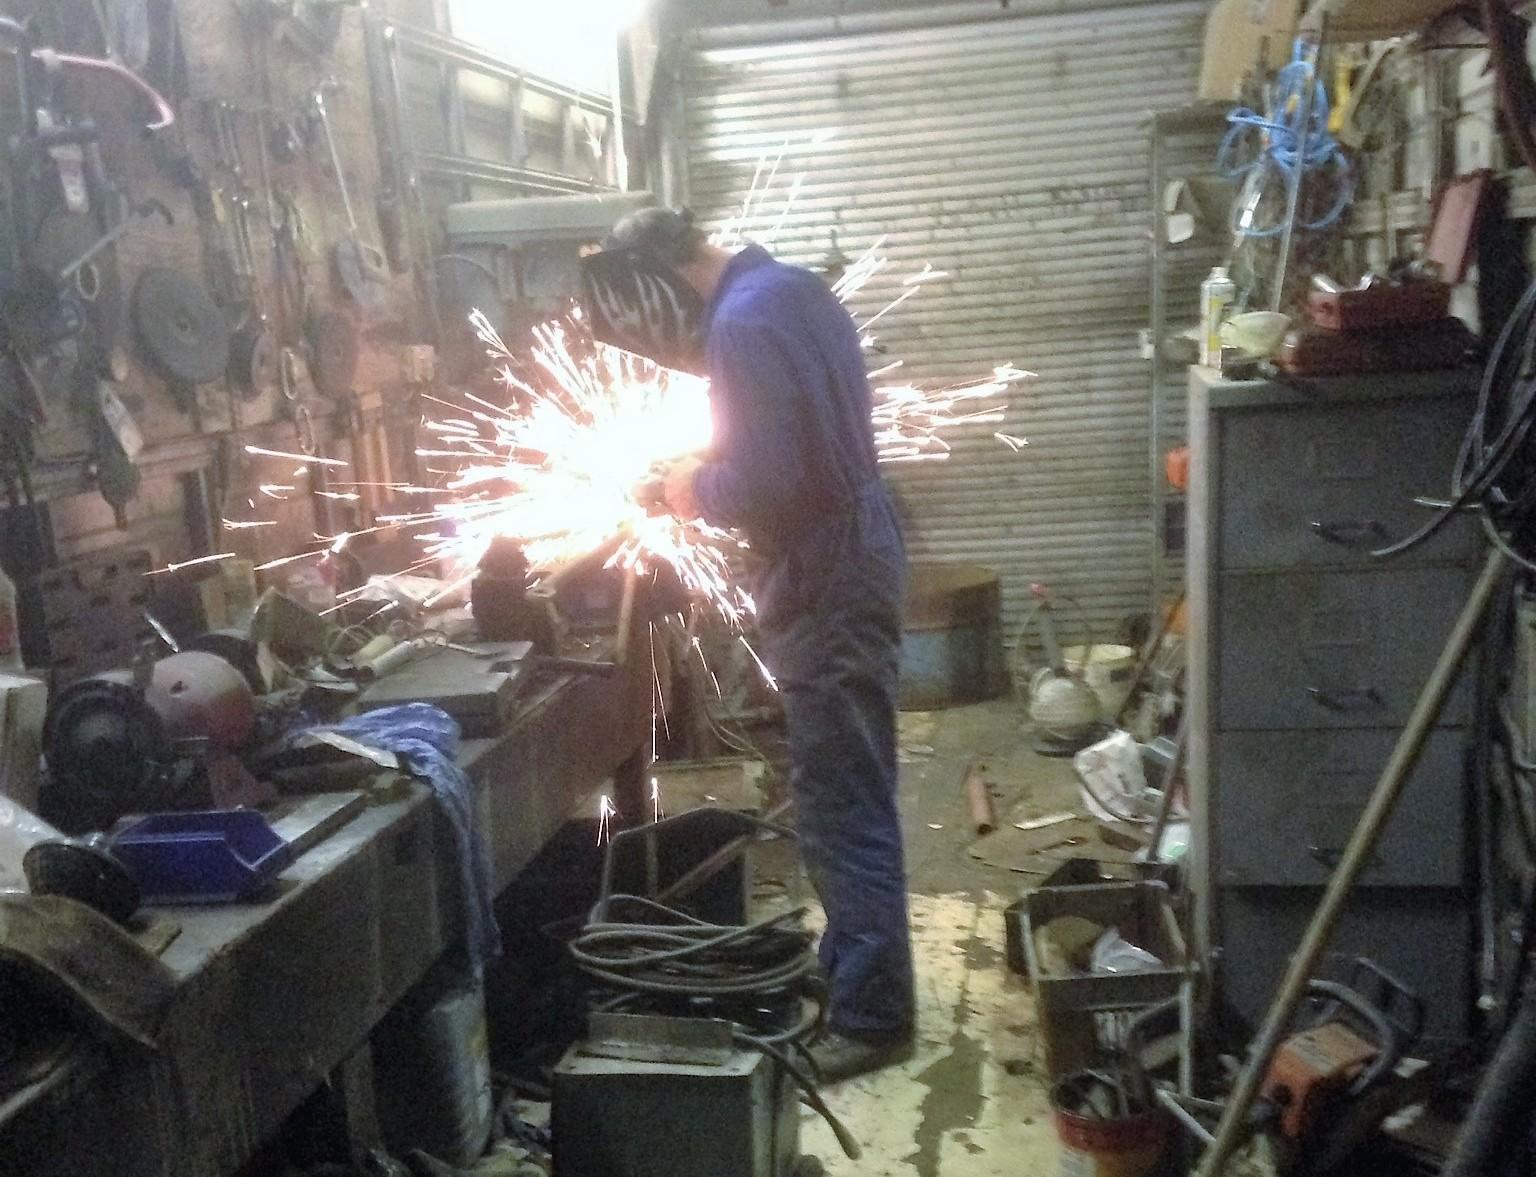 Simon Skeet at work welding